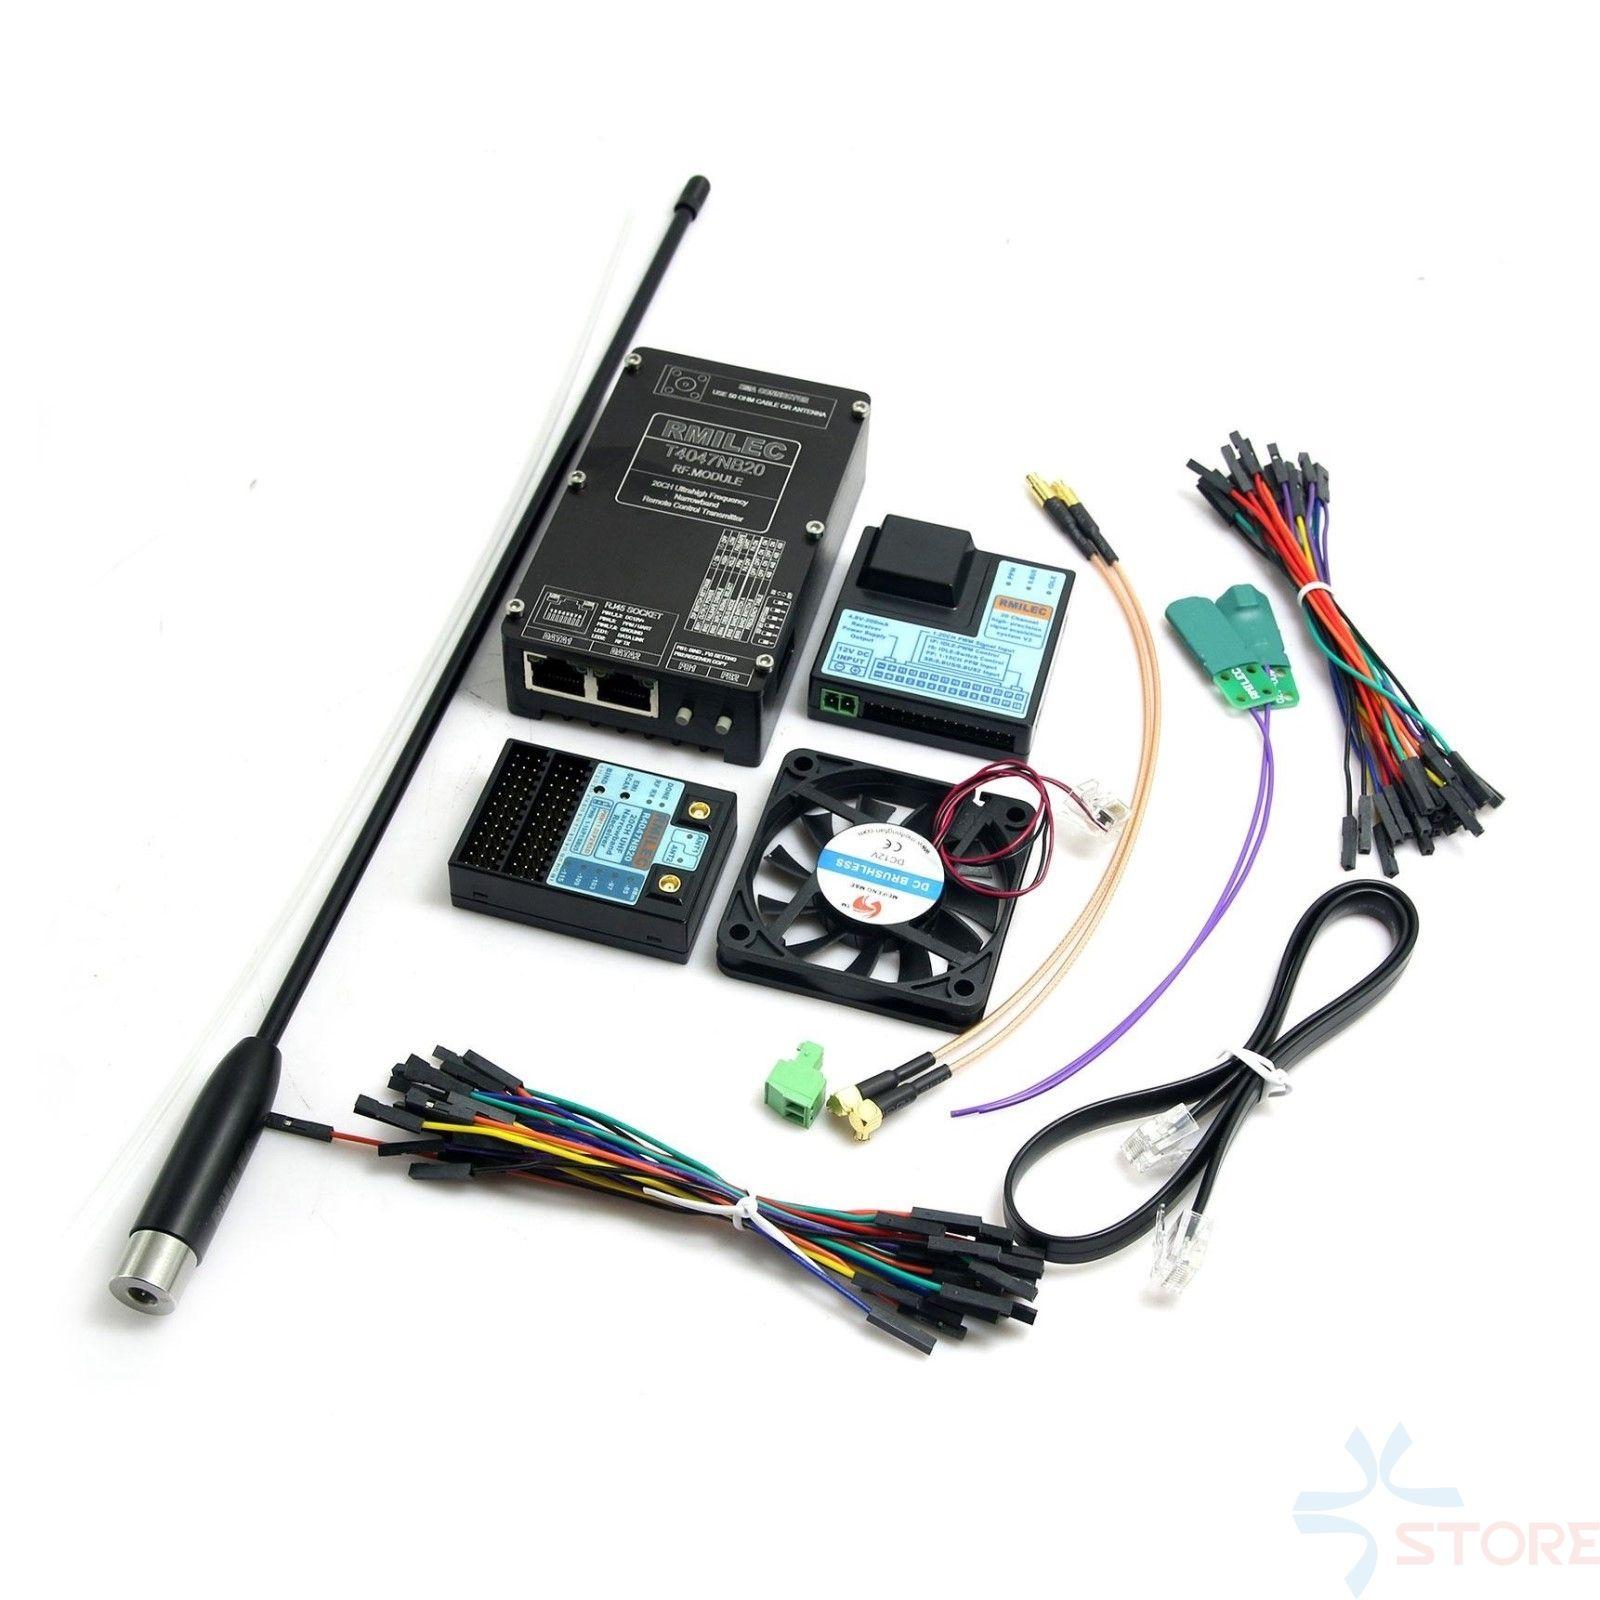 120KM Long Range RMILEC T4047NB20 NB20 20 Channel 5W 433Mhz UHF System w/Receiver for JR/Futaba Radios